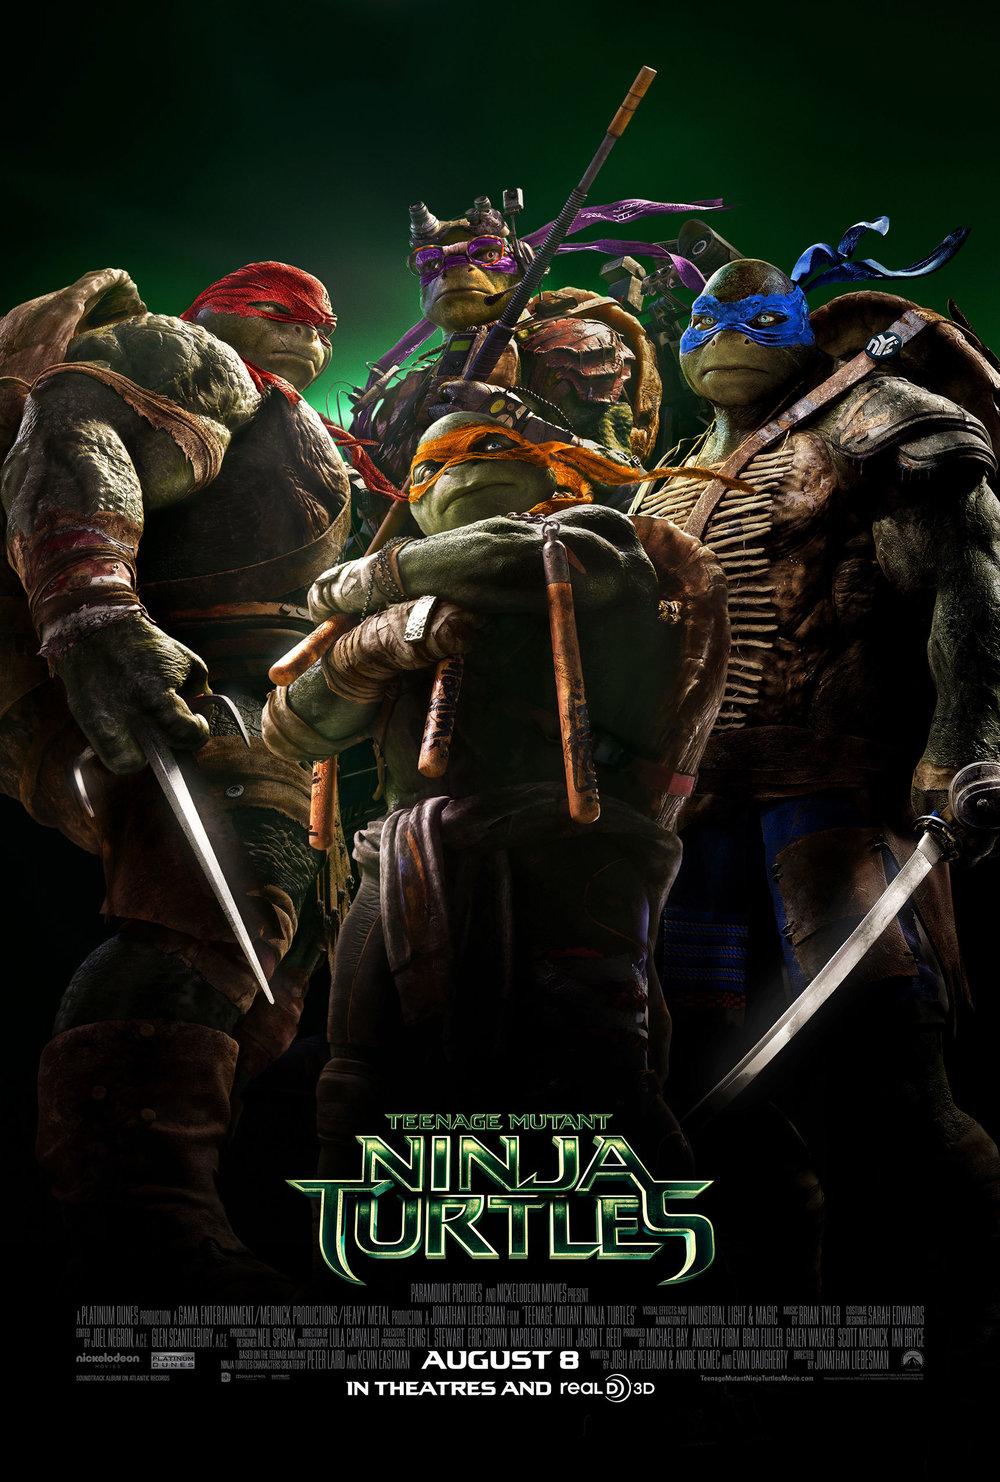 Teenage-Mutant-Ninja-Turtles-poster.jpg